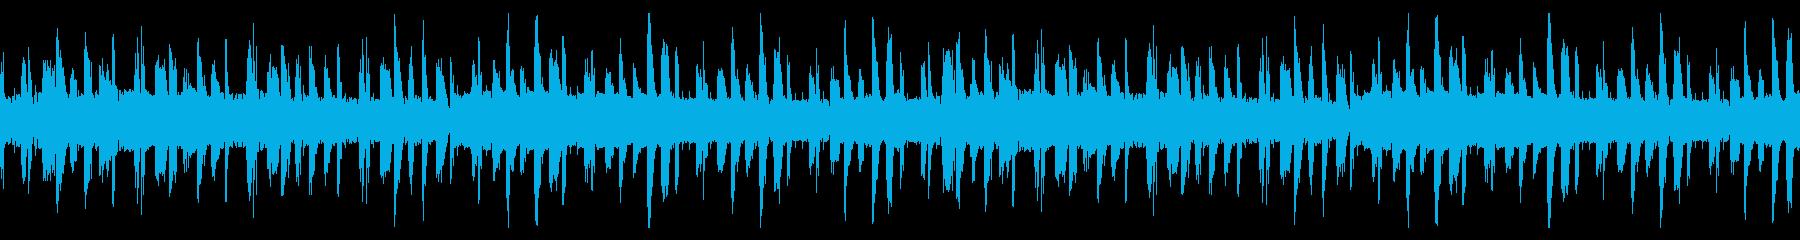 レース、アクションゲーム リザルト画面 の再生済みの波形